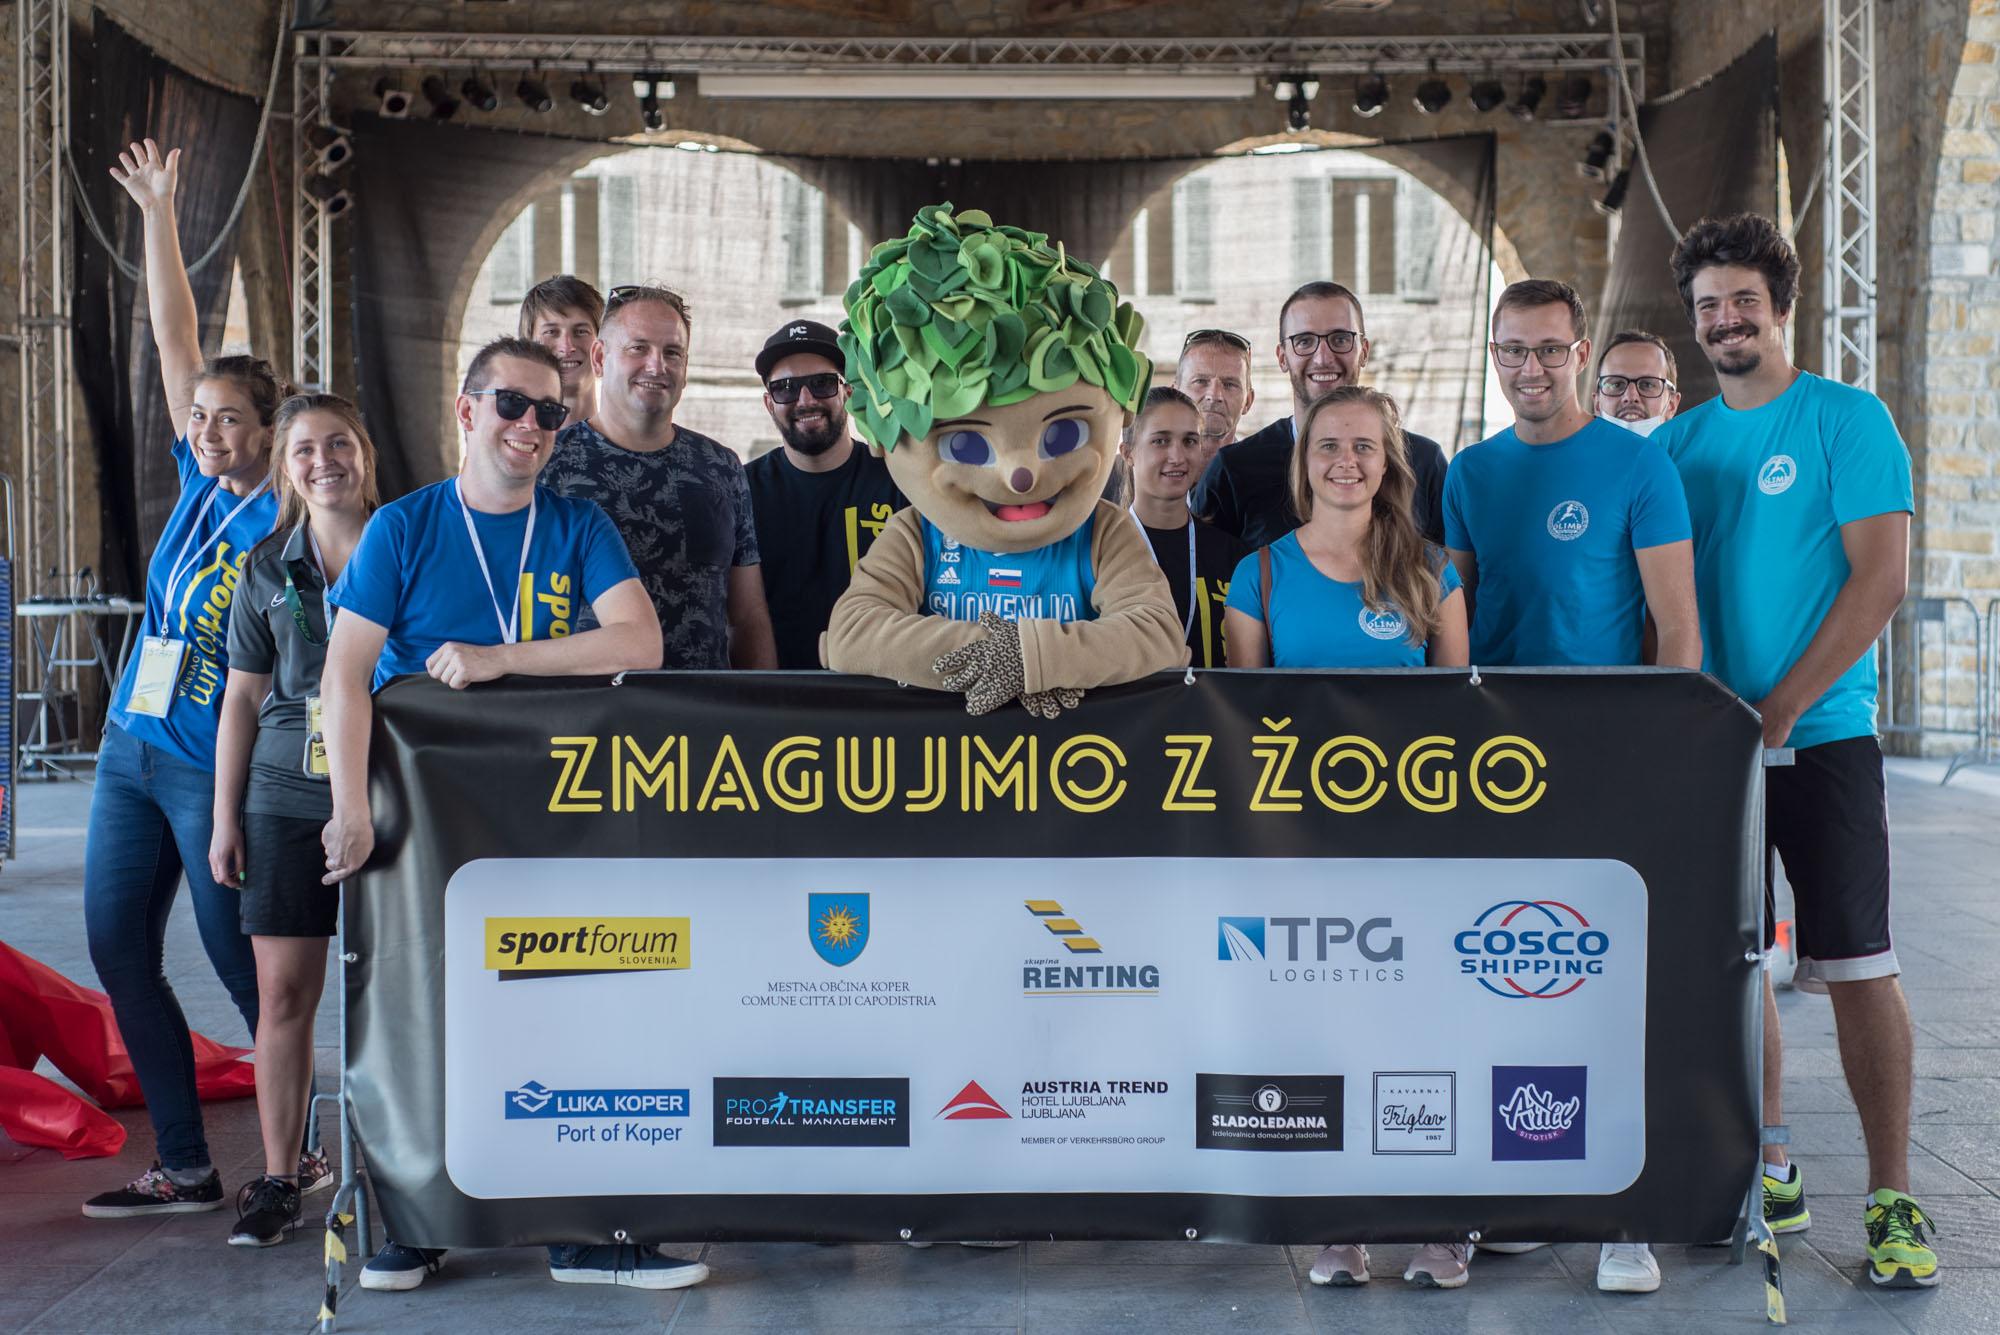 #zmagujmozžogo V soboto 19.9. smo tudi Olimpki dobrodelno prišli v Koper, kjer smo pomagali pri popestritvi športnega programa ob tednu mobilnosti. Z združenimi močmi smo tako otrokom iz ranljivih skupin pomagali pri uresničenju športnih sanj! Odzvali smo se na povabilo SportForum Slovenija – Društvo za promocijo športa Slovenije ki je v partnerstvu z Mestno občino […]